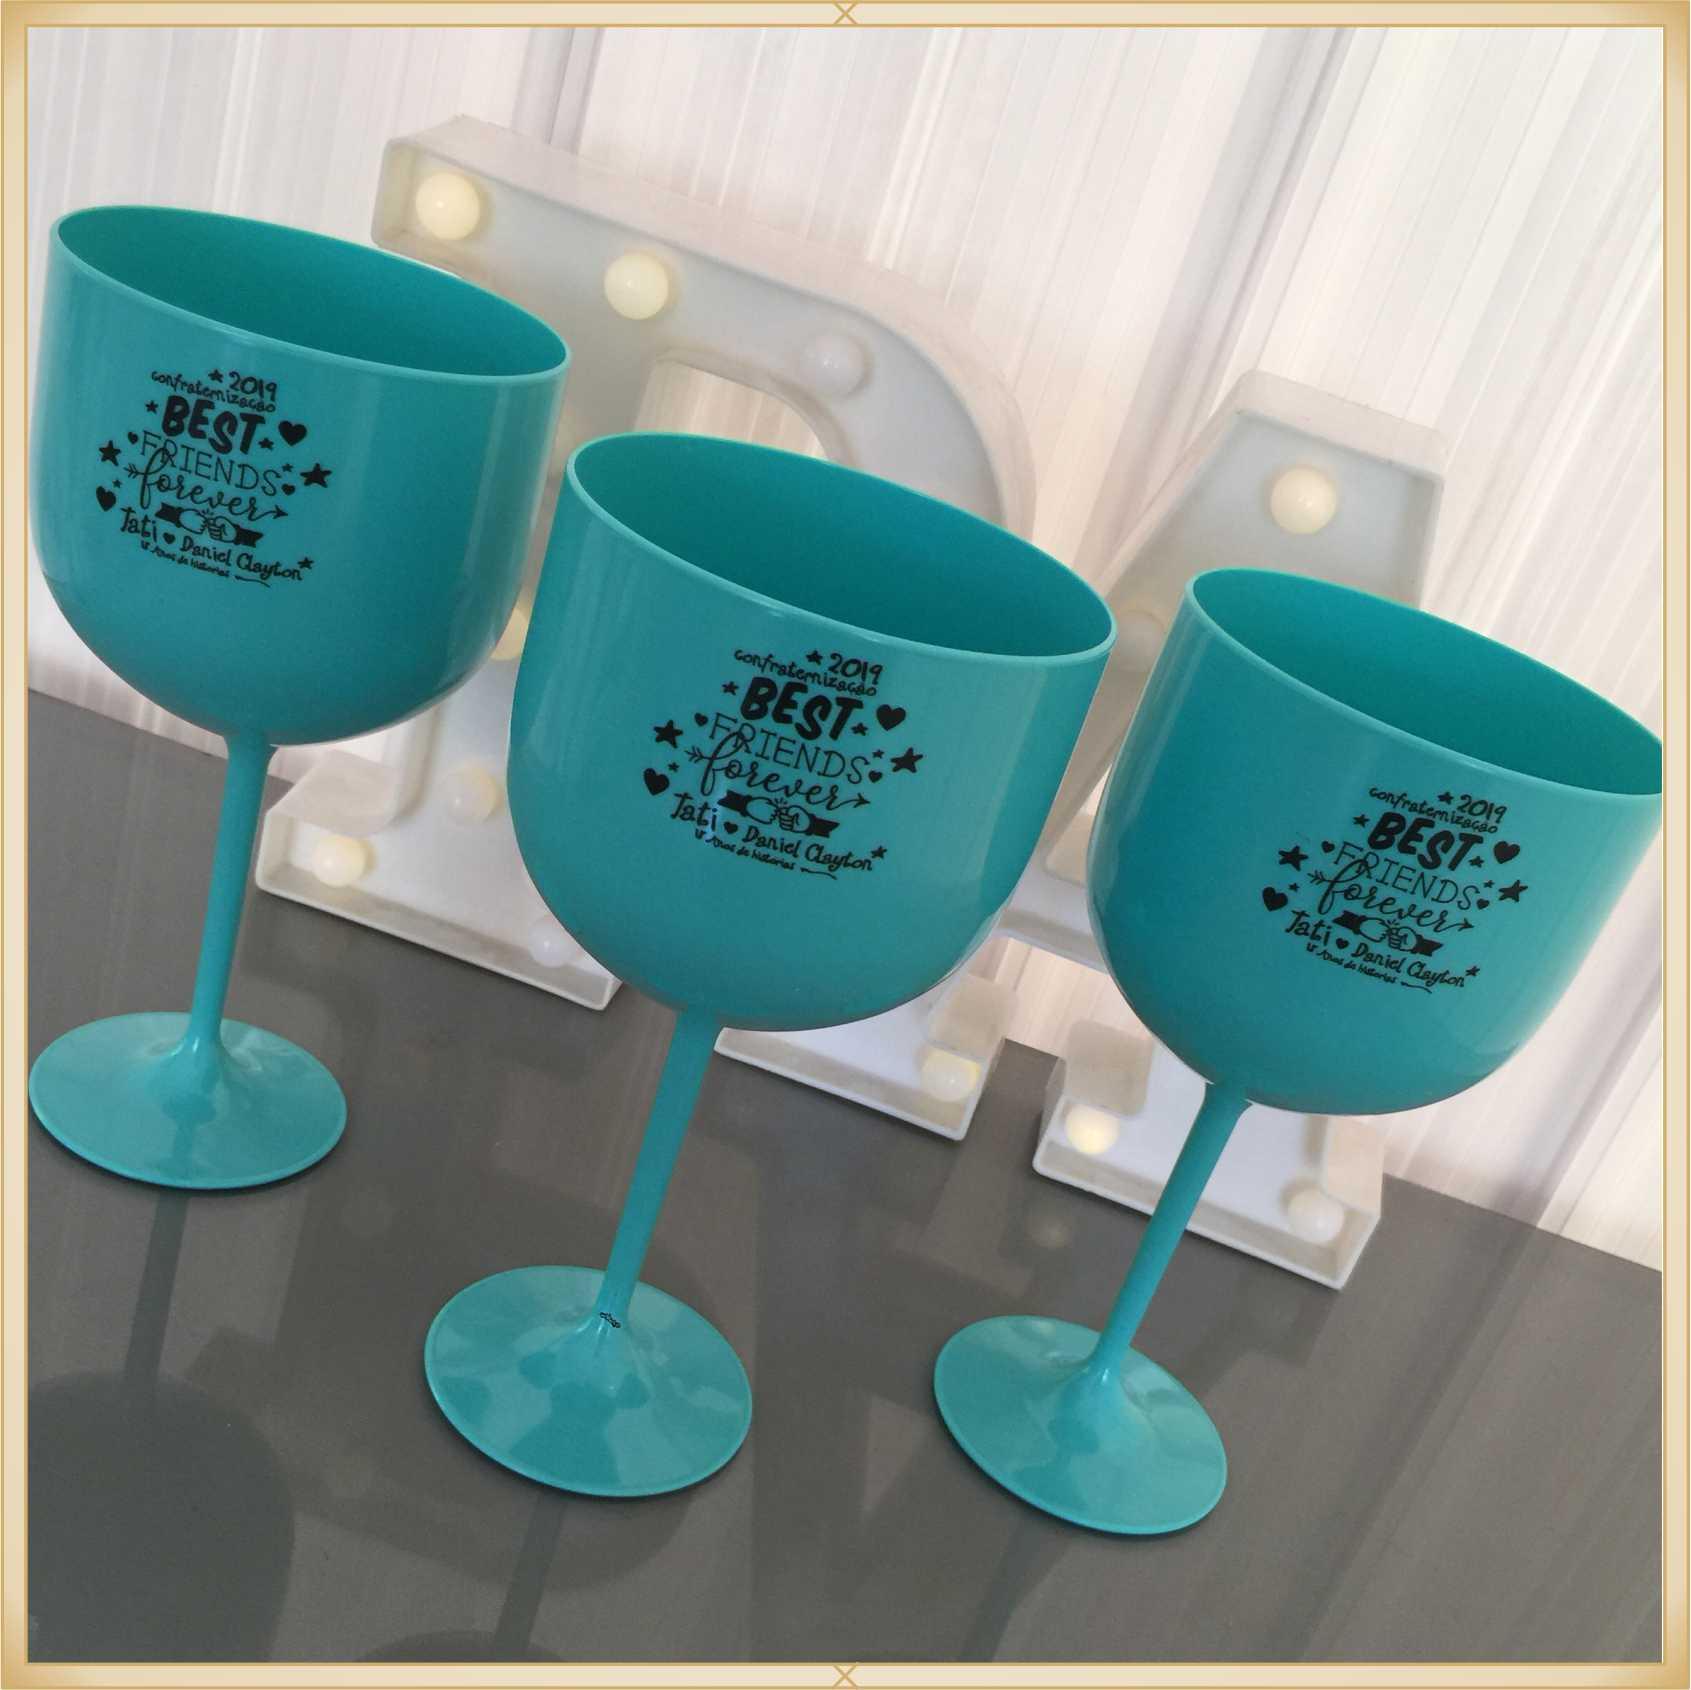 Taças de gin personalizadas Aniversário - alta qualidade, brilhante, ótimo acabamento, parede de 2,5 mm, material atóxico, 580 ml - kit com 10 unidades